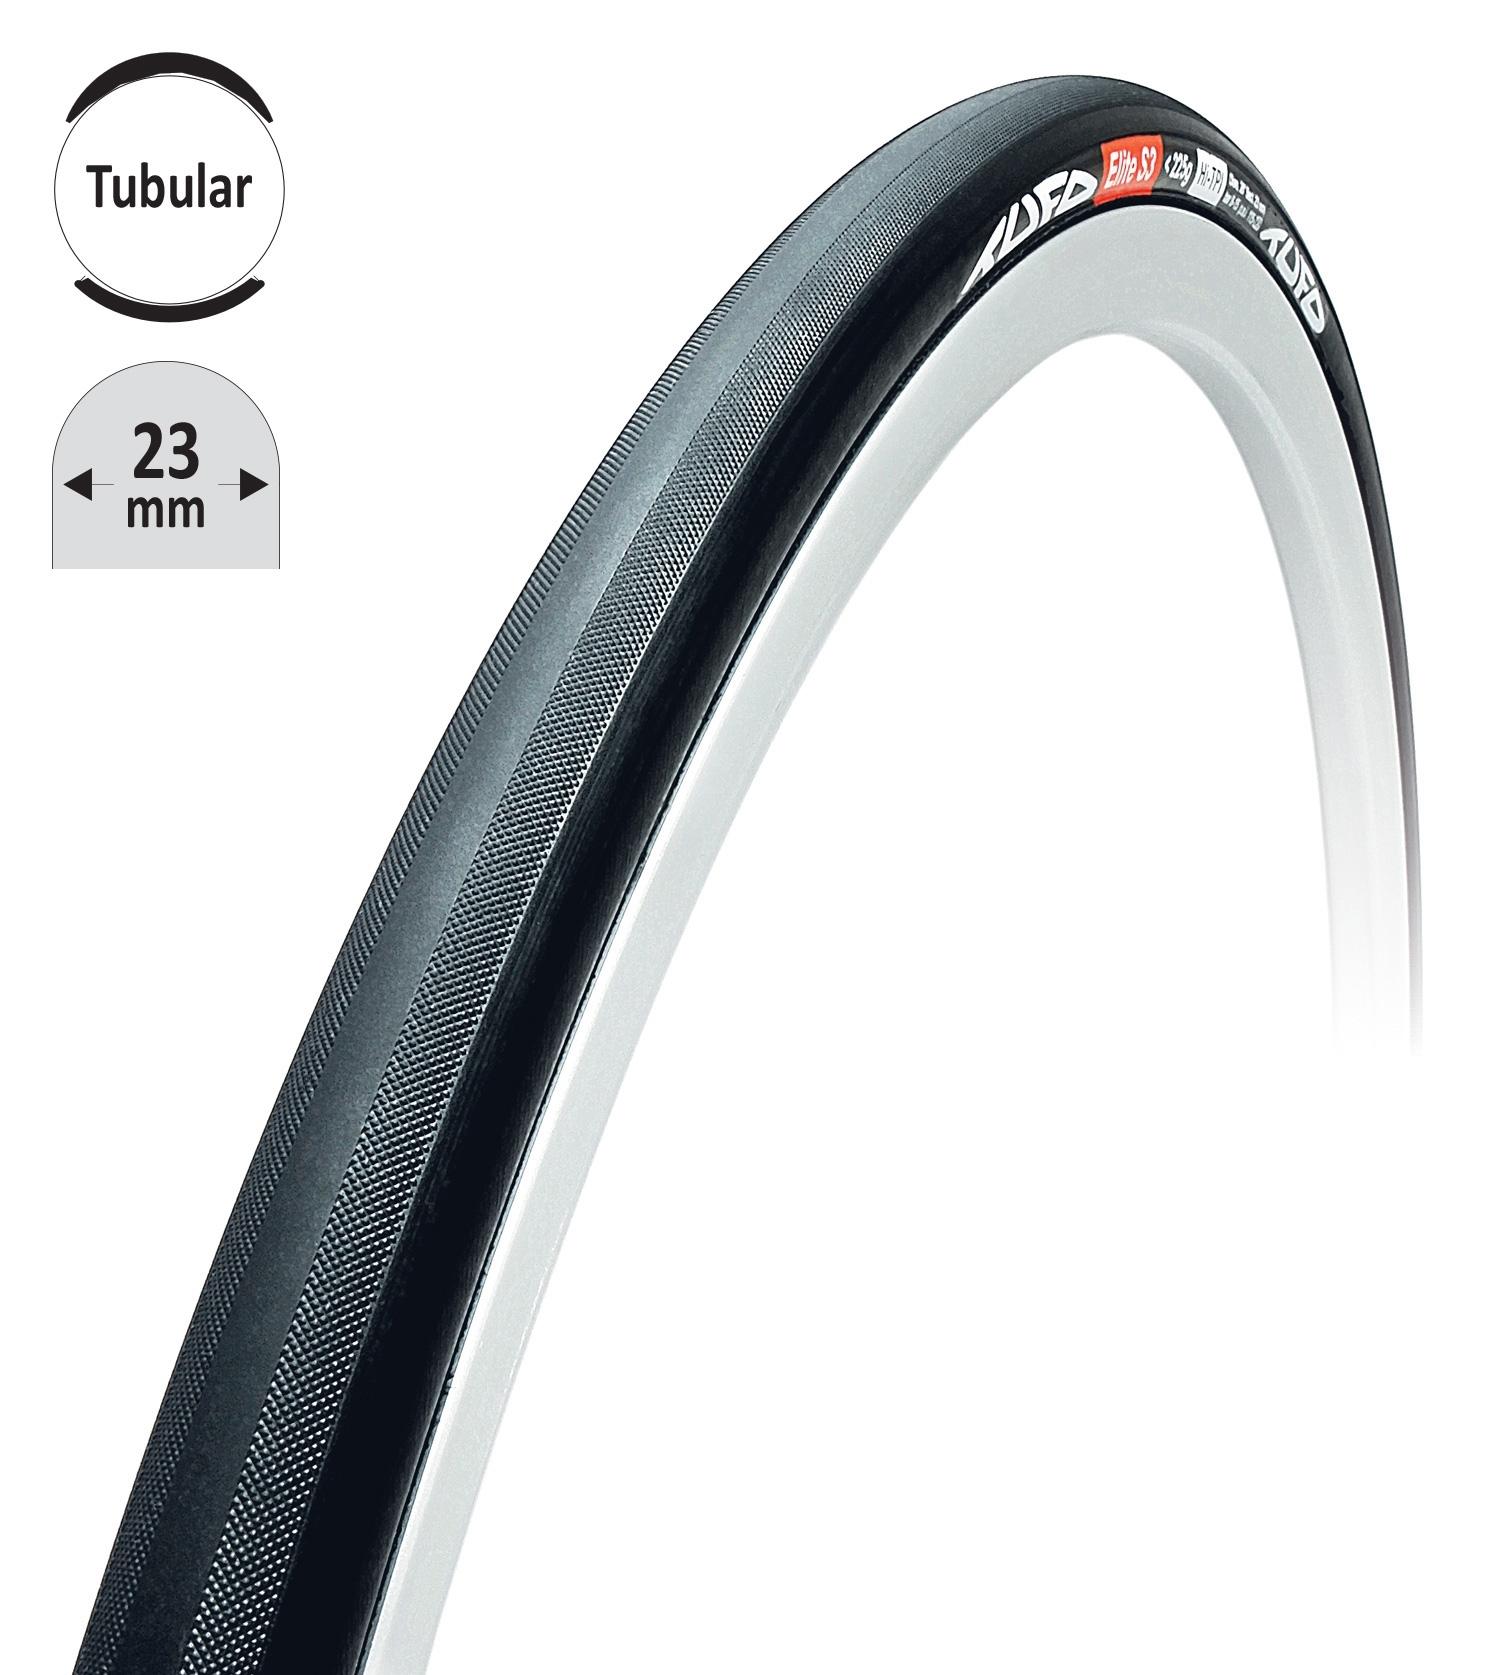 """galuska TUFO ELITE S3 <225g černo-černá 28""""/23mm"""